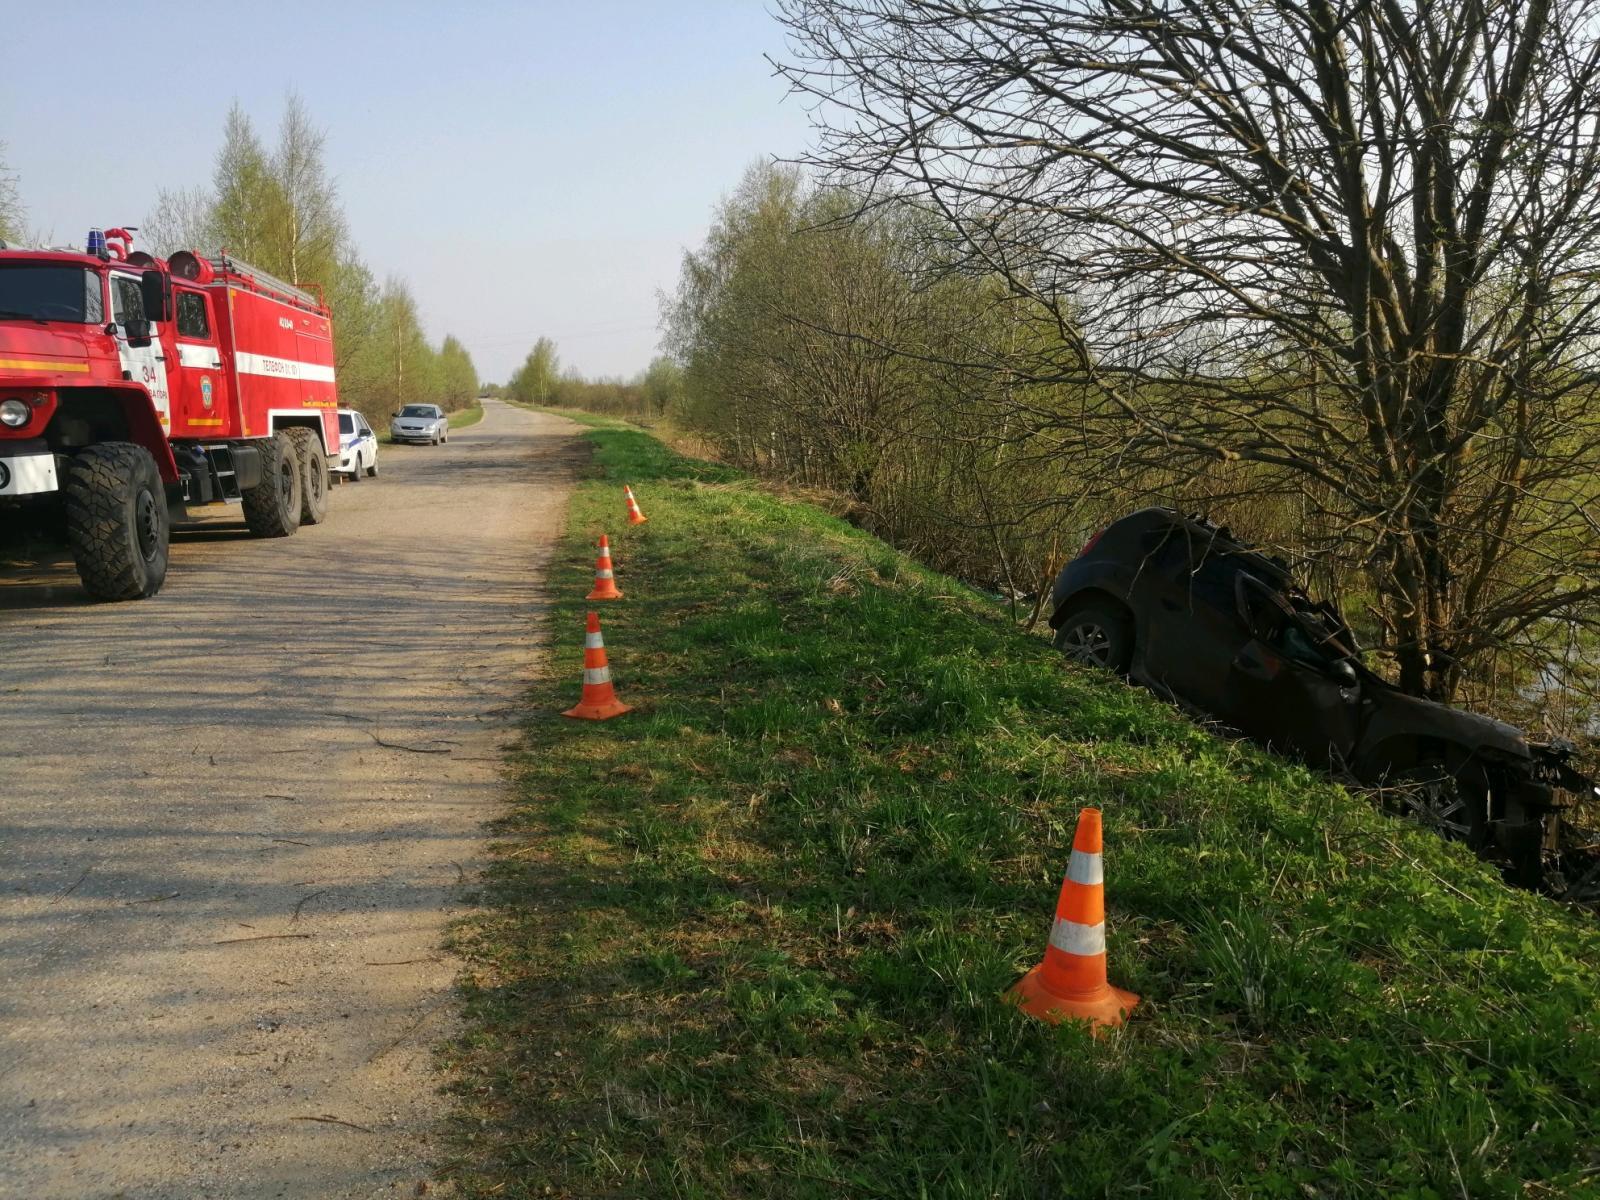 На дороге в Тверской области водитель врезался в дерево и погиб